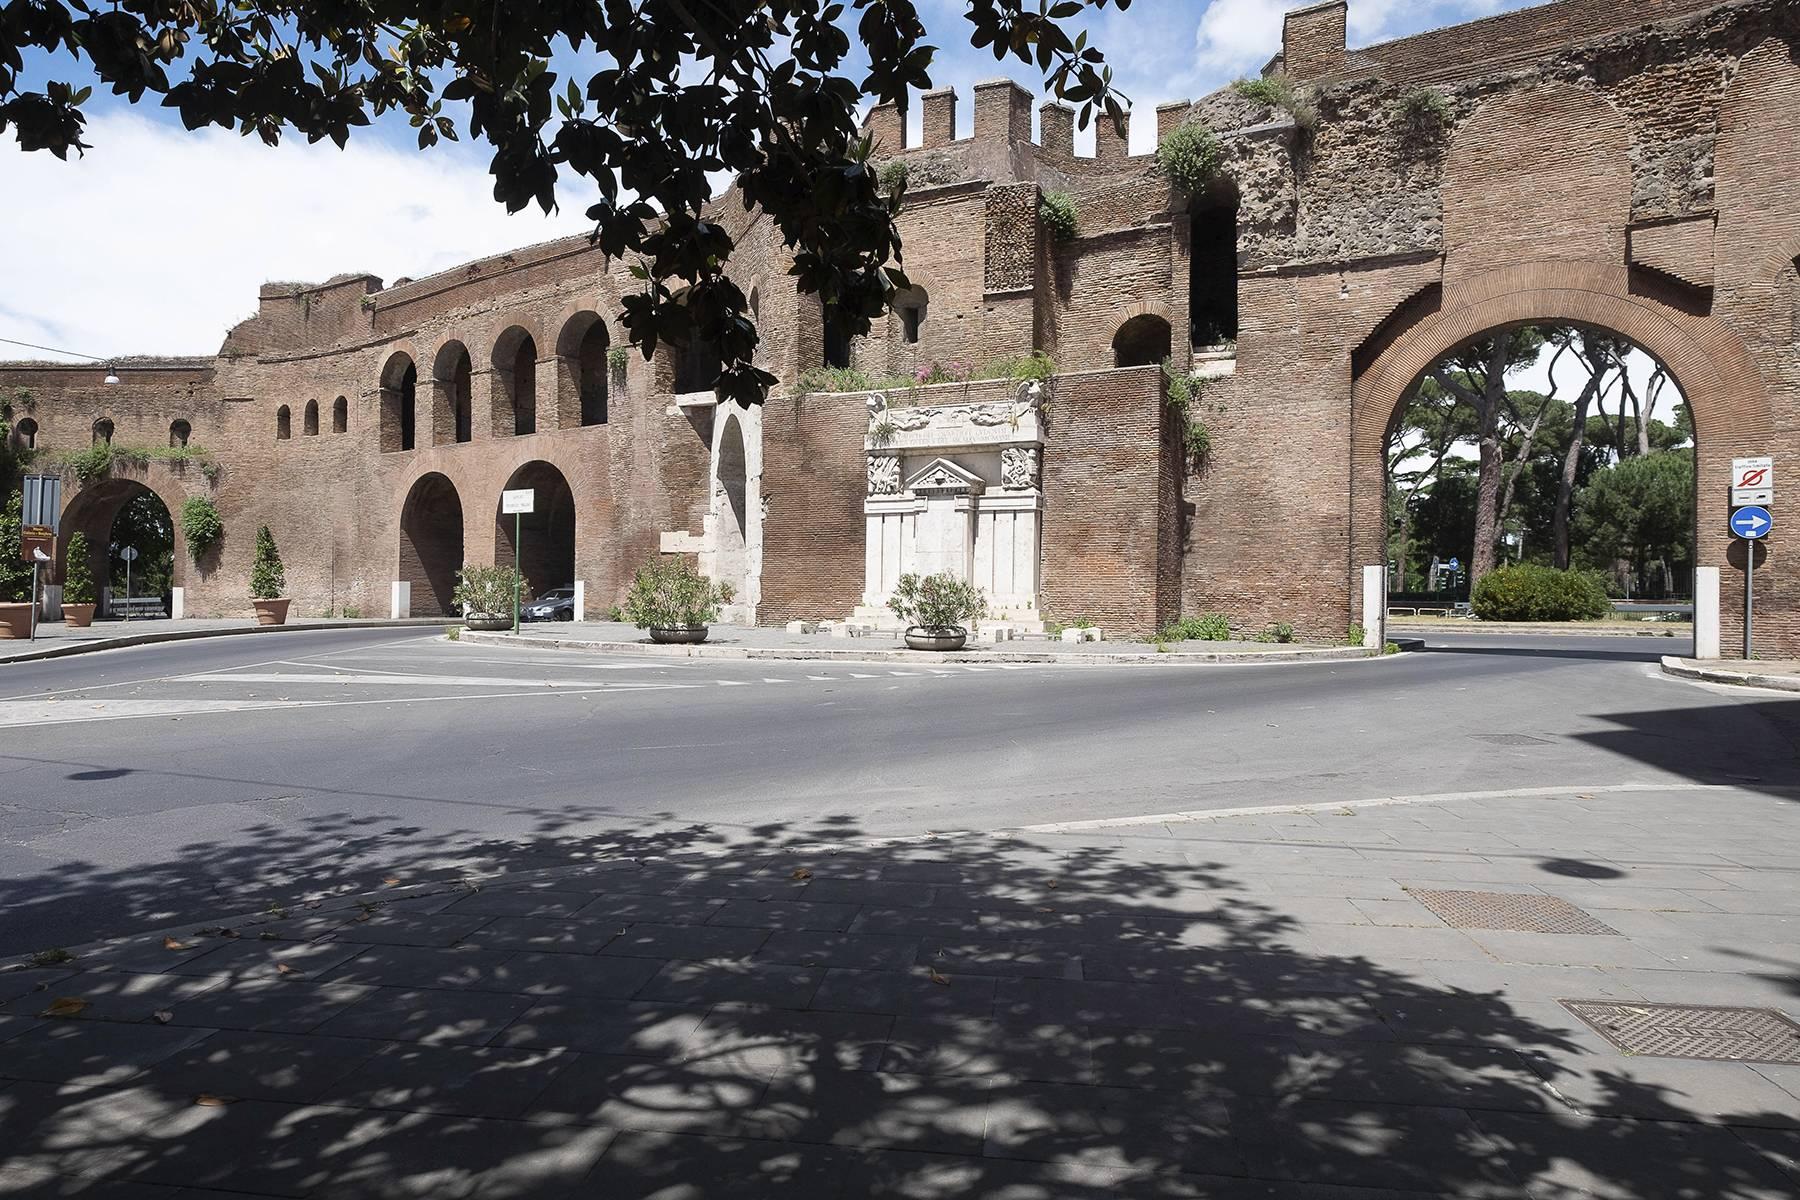 Attico in Vendita a Roma: 5 locali, 268 mq - Foto 24